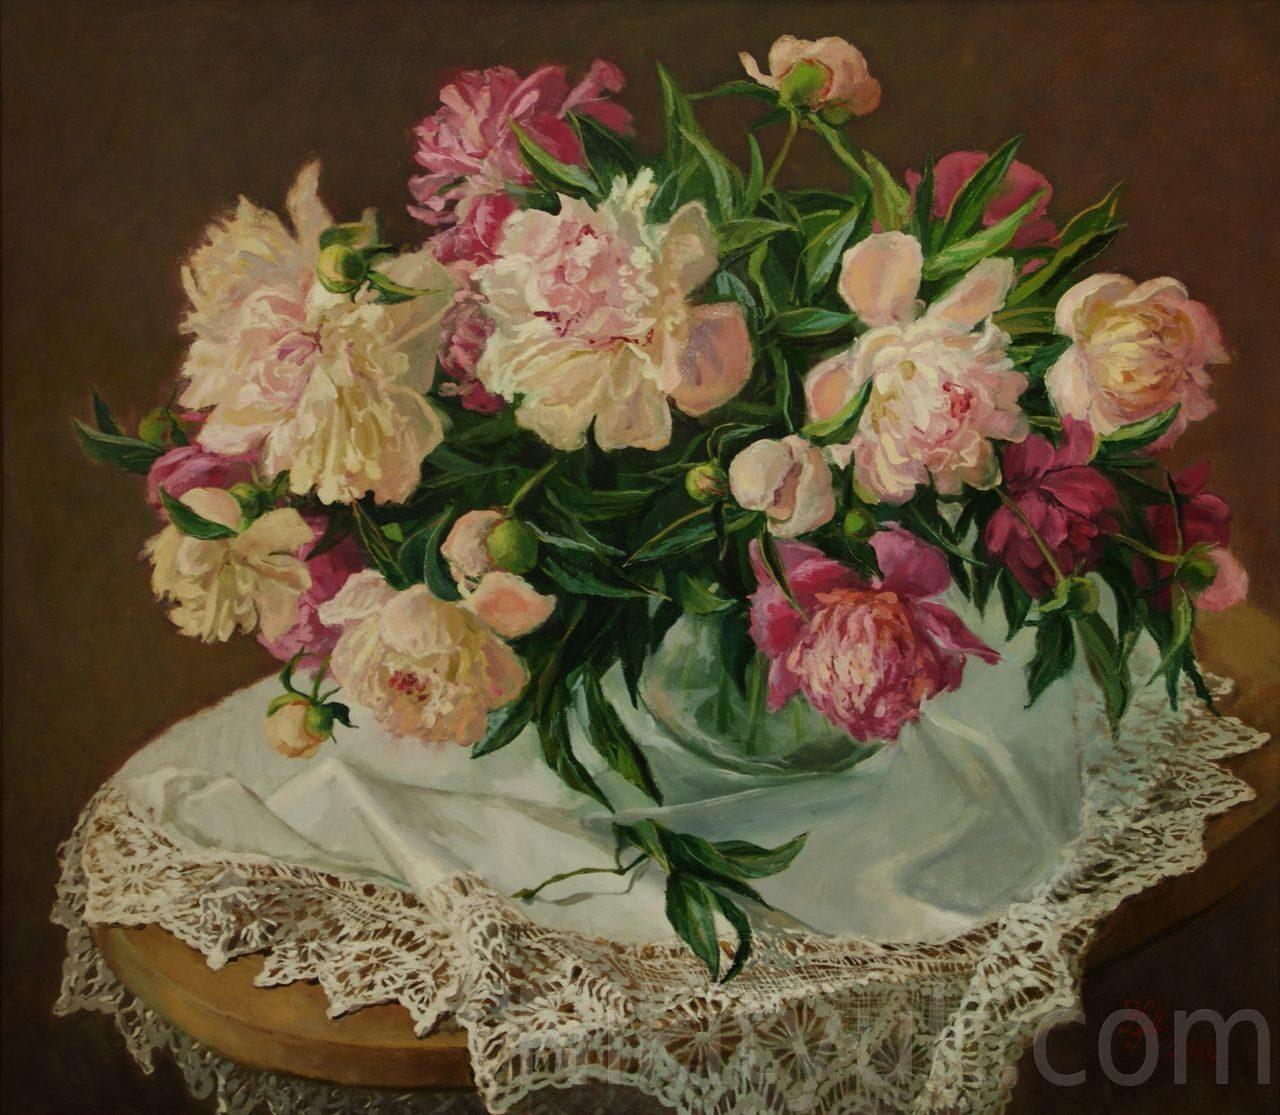 Белые и розовые пионы., х.м. 70х80см, 2011г. 60 000 руб., в ниличии